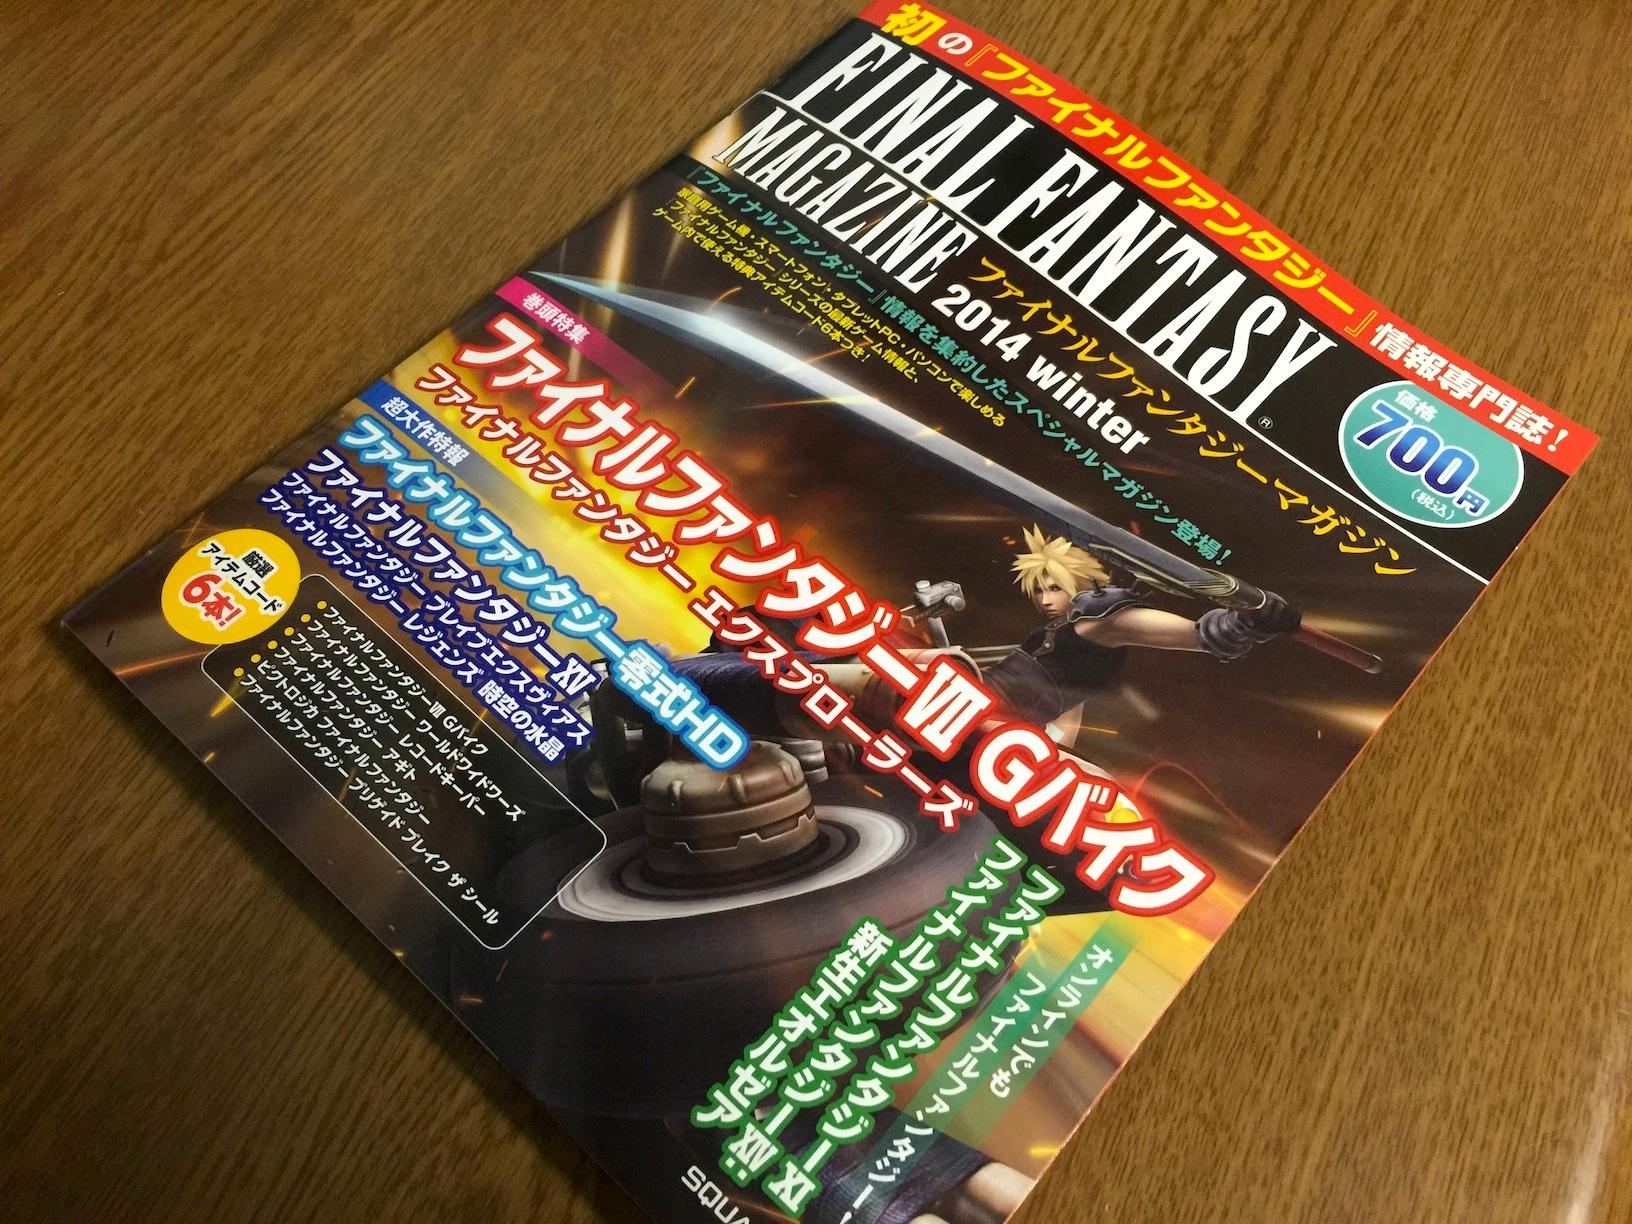 6タイトルの特典アイテムコード付き。ファイナルファンタジーマガジン 2014 Winterを買ってみた